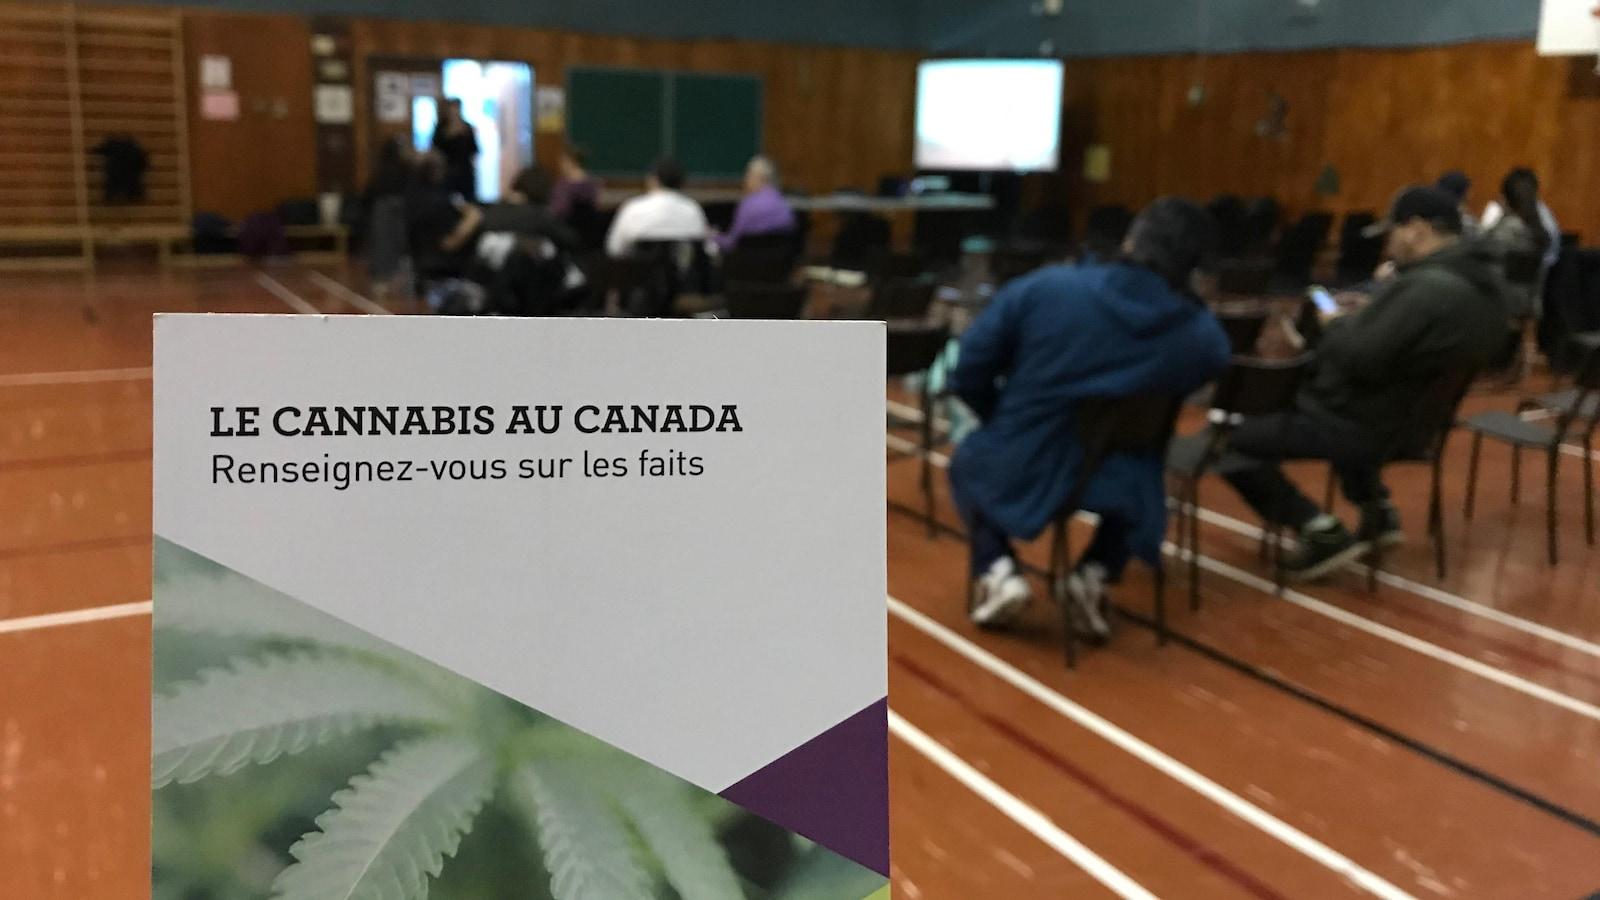 Un dépliant intitulé «Le cannabis au Canada - renseignez-vous sur les faits» est en premier plan lors d'une séance d'Information dans un gymnase.